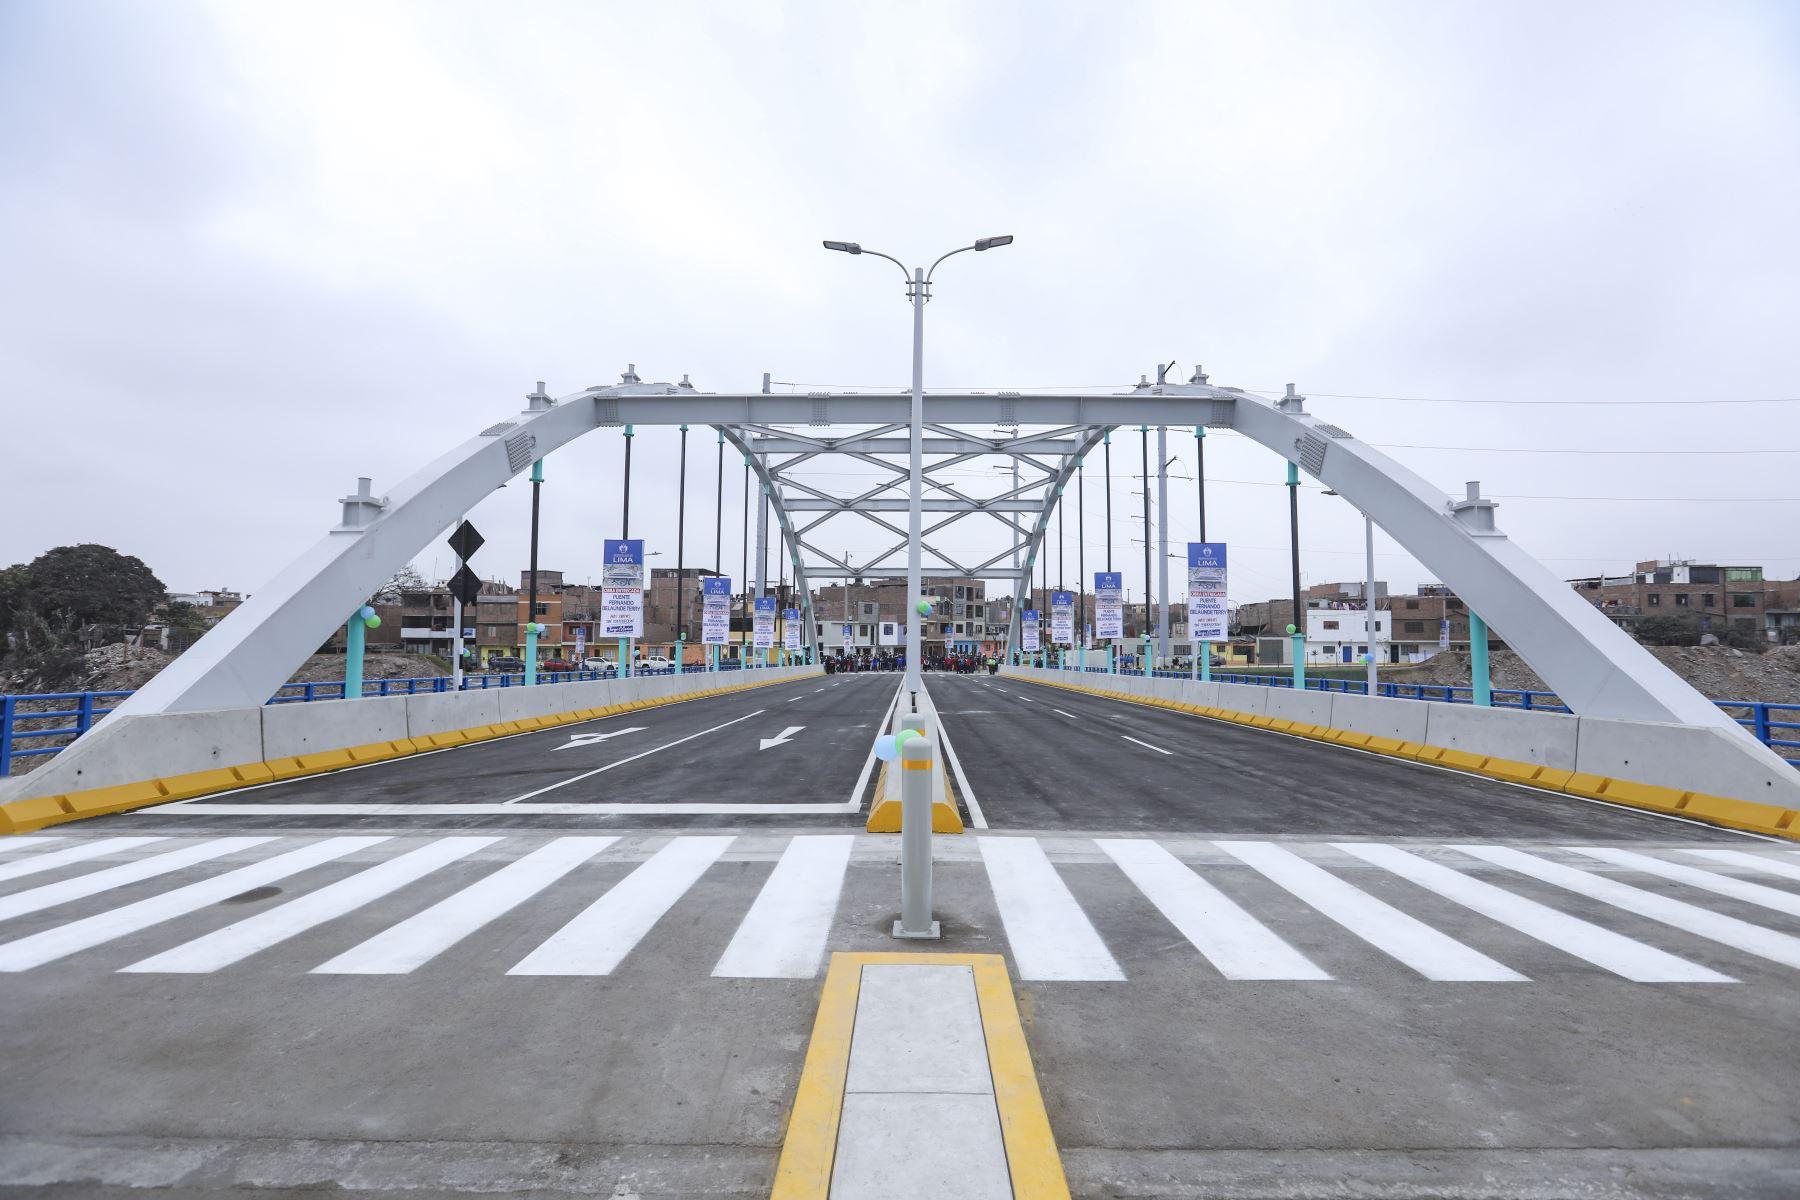 El nuevo puente peatonal y vehicular, implementado por la Municipalidad de Lima a través de Emape, cuenta con cuatro carriles (dos para cada sentido), berma central, veredas de más de 3 m de ancho, barandas, iluminación LED, áreas verdes en los alrededores, así como señalización vertical y horizontal. Foto: ANDINA/ Municipalidad de Lima